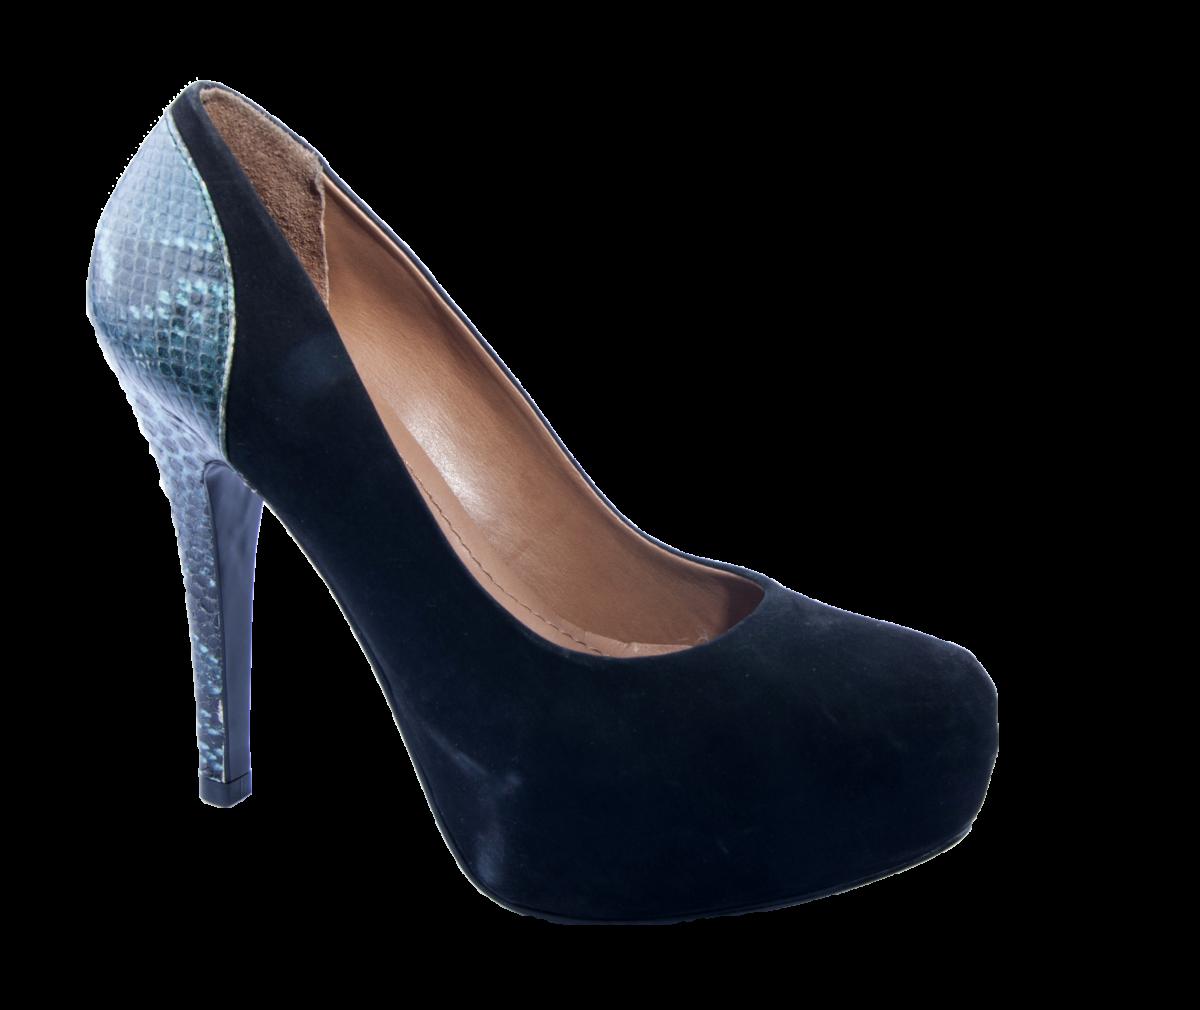 cca2b49d0b Sapato Meia Pata Ferrucci Salto Croco 27952 - Preto - Sapatos ...